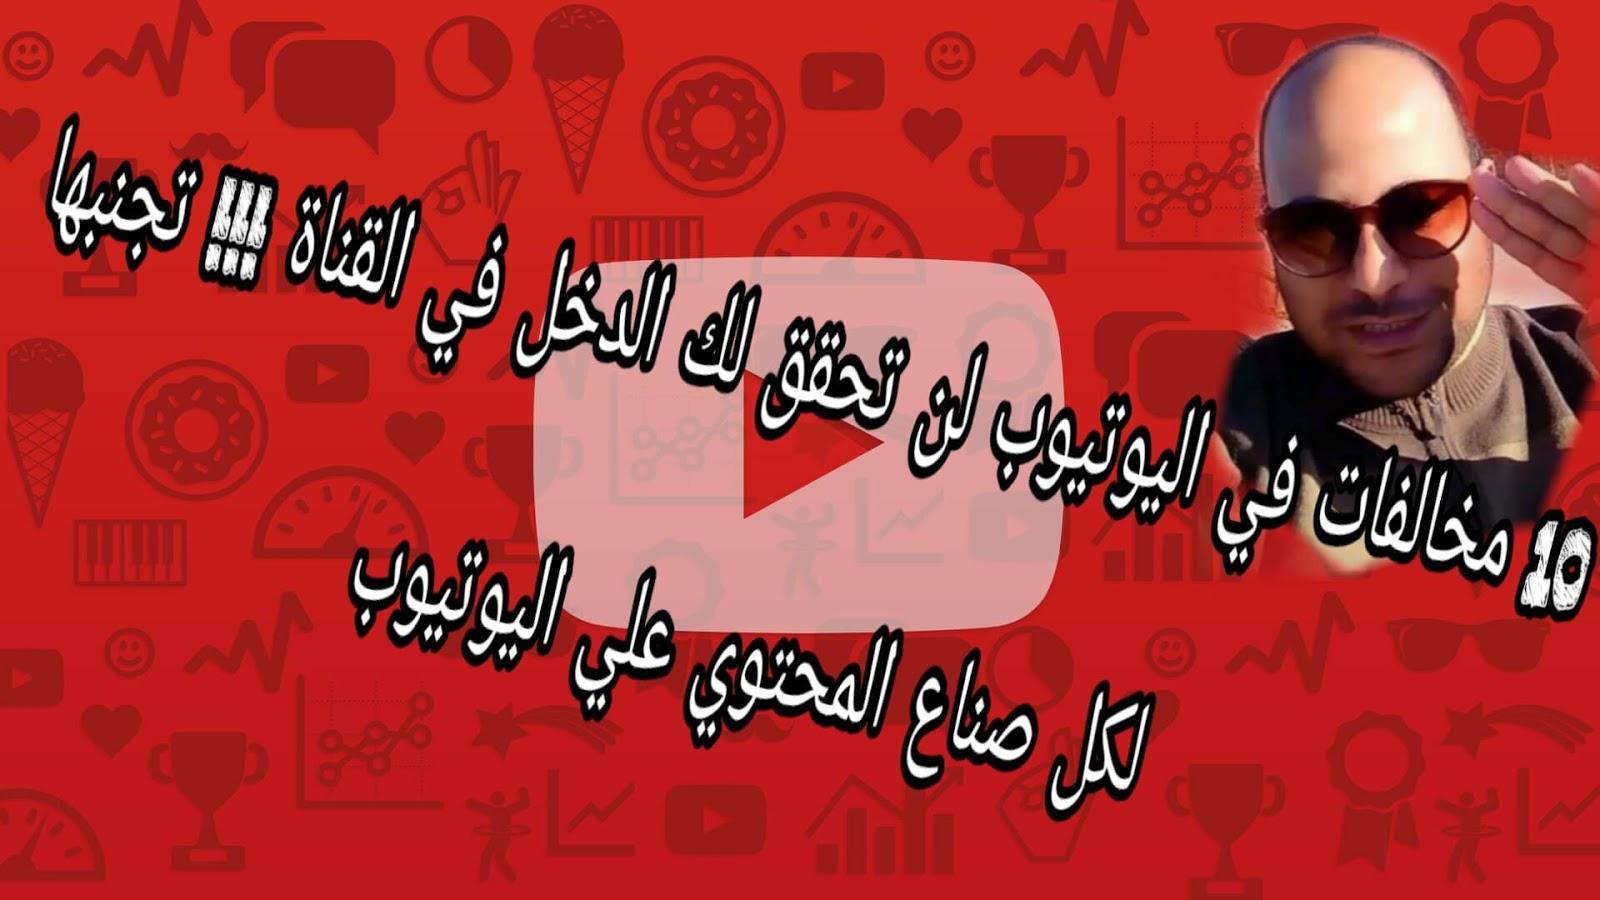 10 مخالفات فى اليوتيوب لن تحقق لك الدخل فى القناة - هام لكل صانعى المحتوى على اليوتيوب